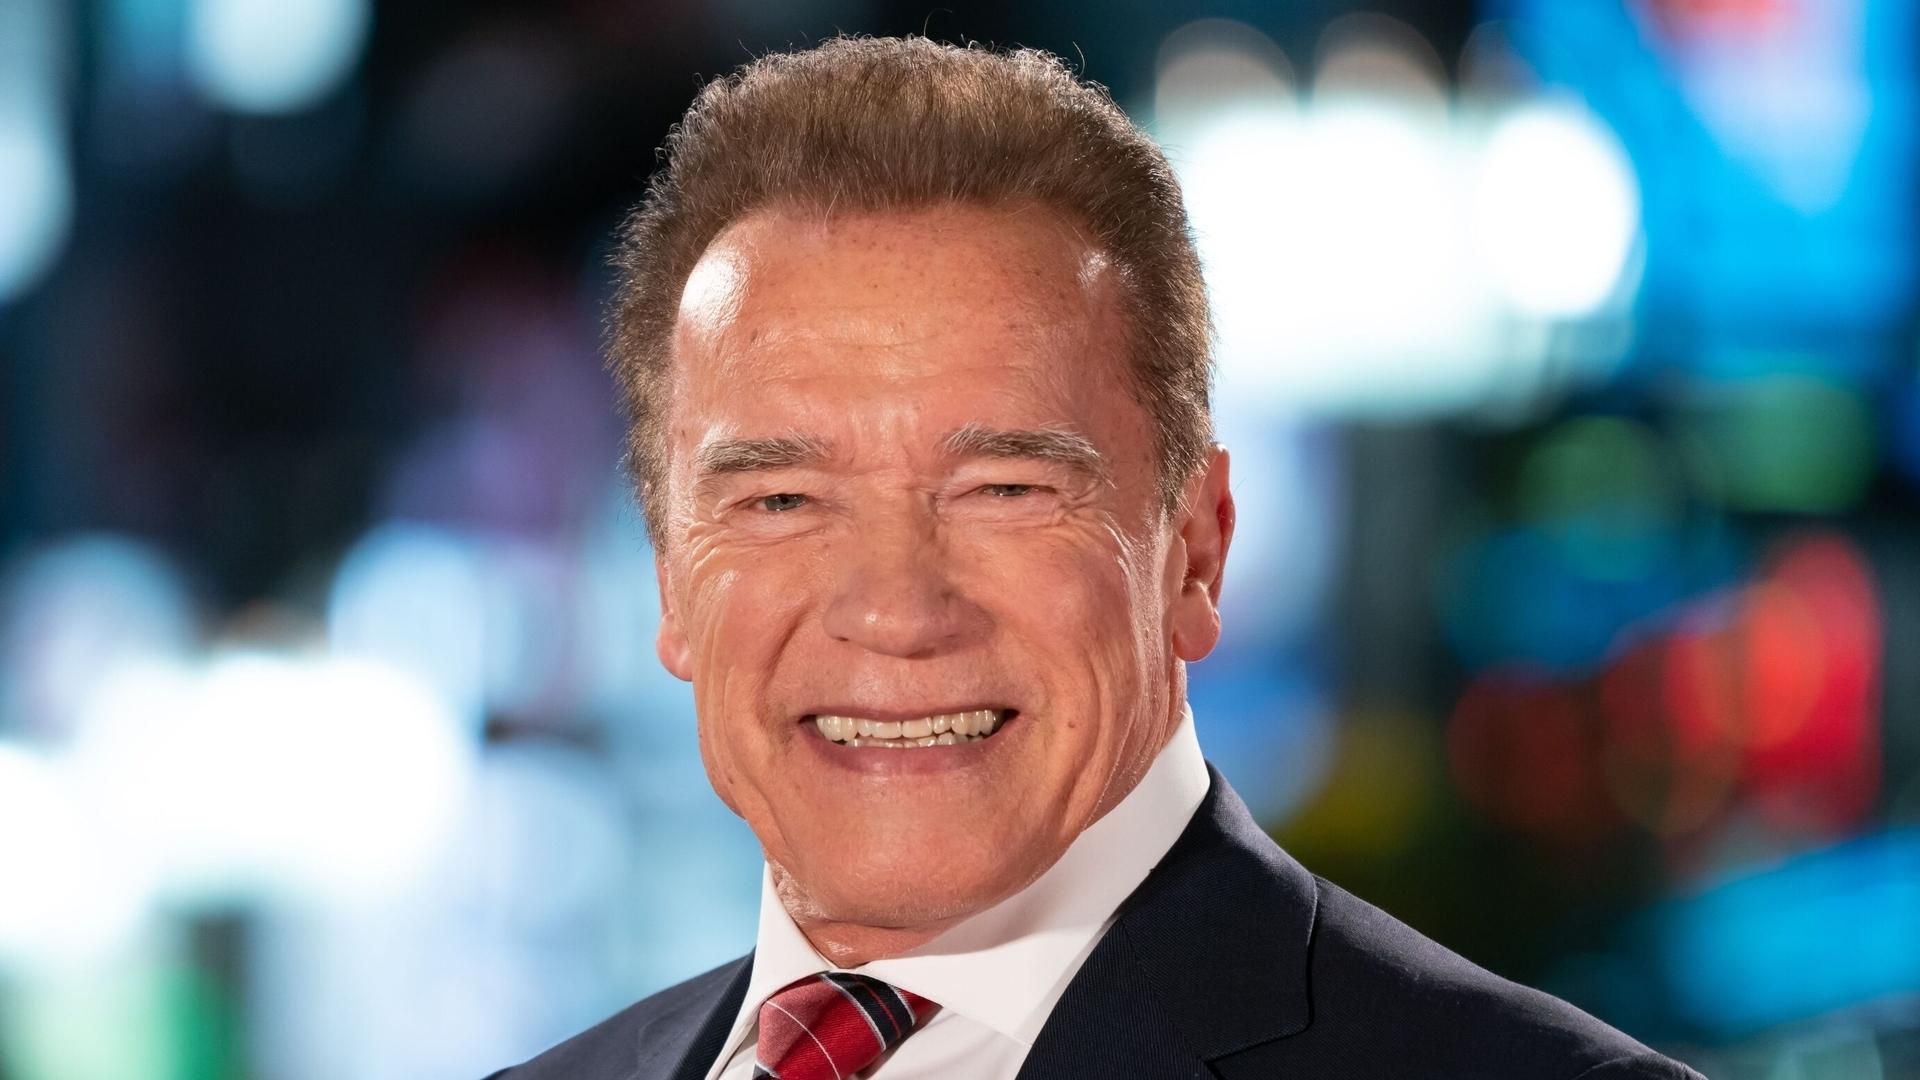 シュワルツェネッガー、73歳で初孫。ハリウッド的には遅いのか?(猿渡由紀) - 個人 - Yahoo!ニュース